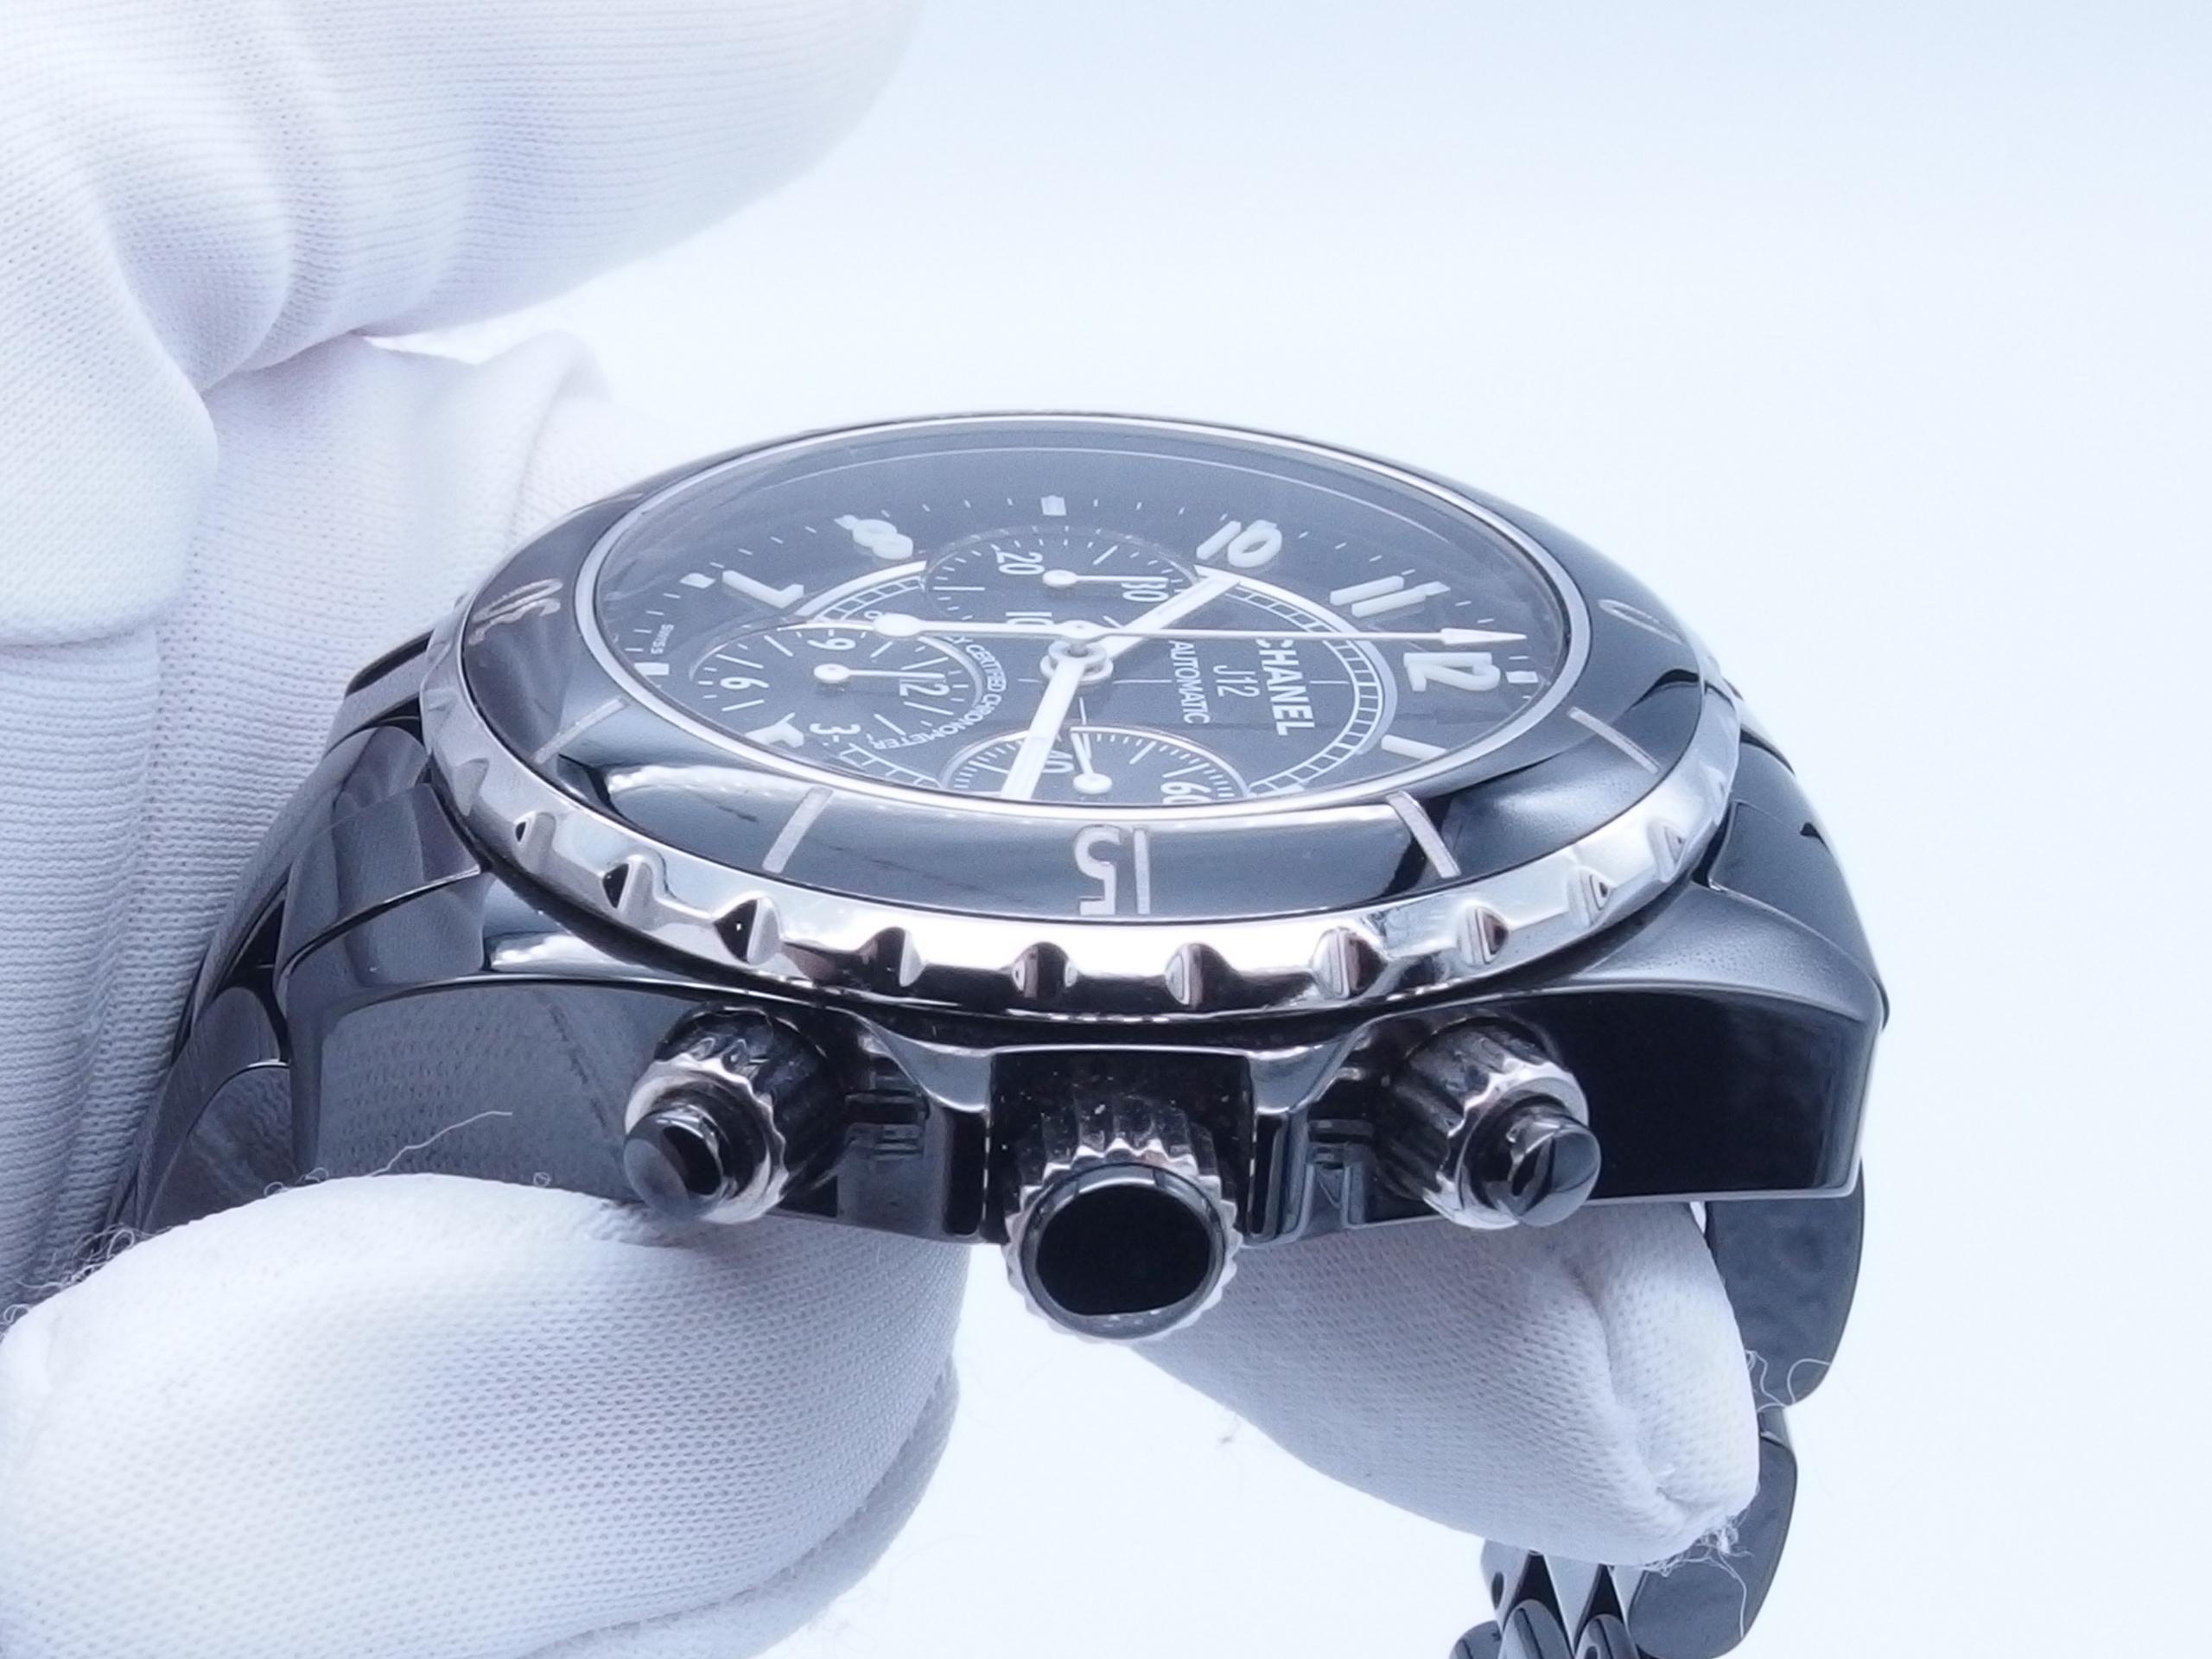 CHANEL シャネル J12 クロノ H0940 CE 自動巻き ブラック【432】 image number 8